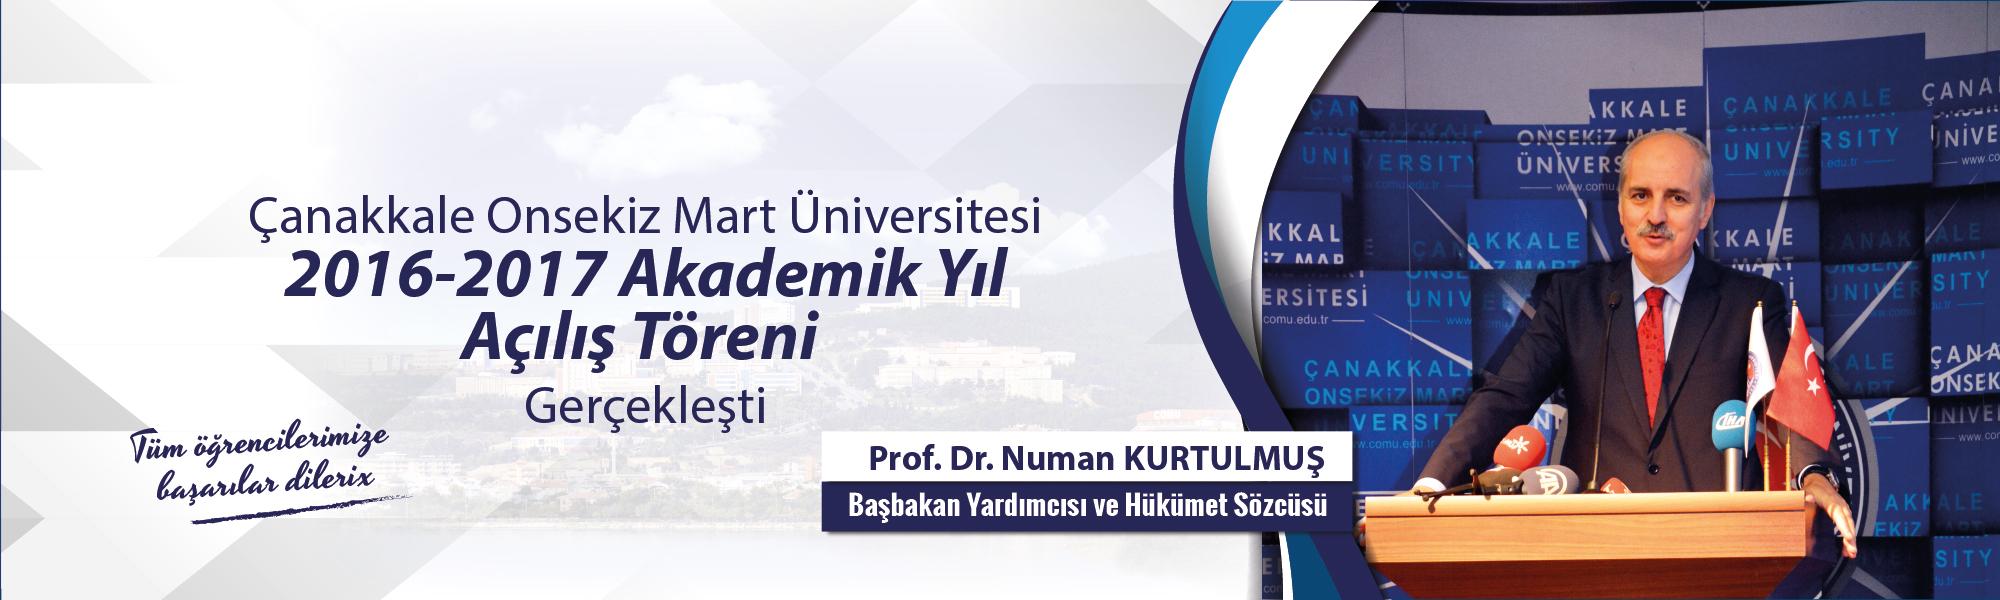 2016-2017 Akademik Açılış Yıl Töreni